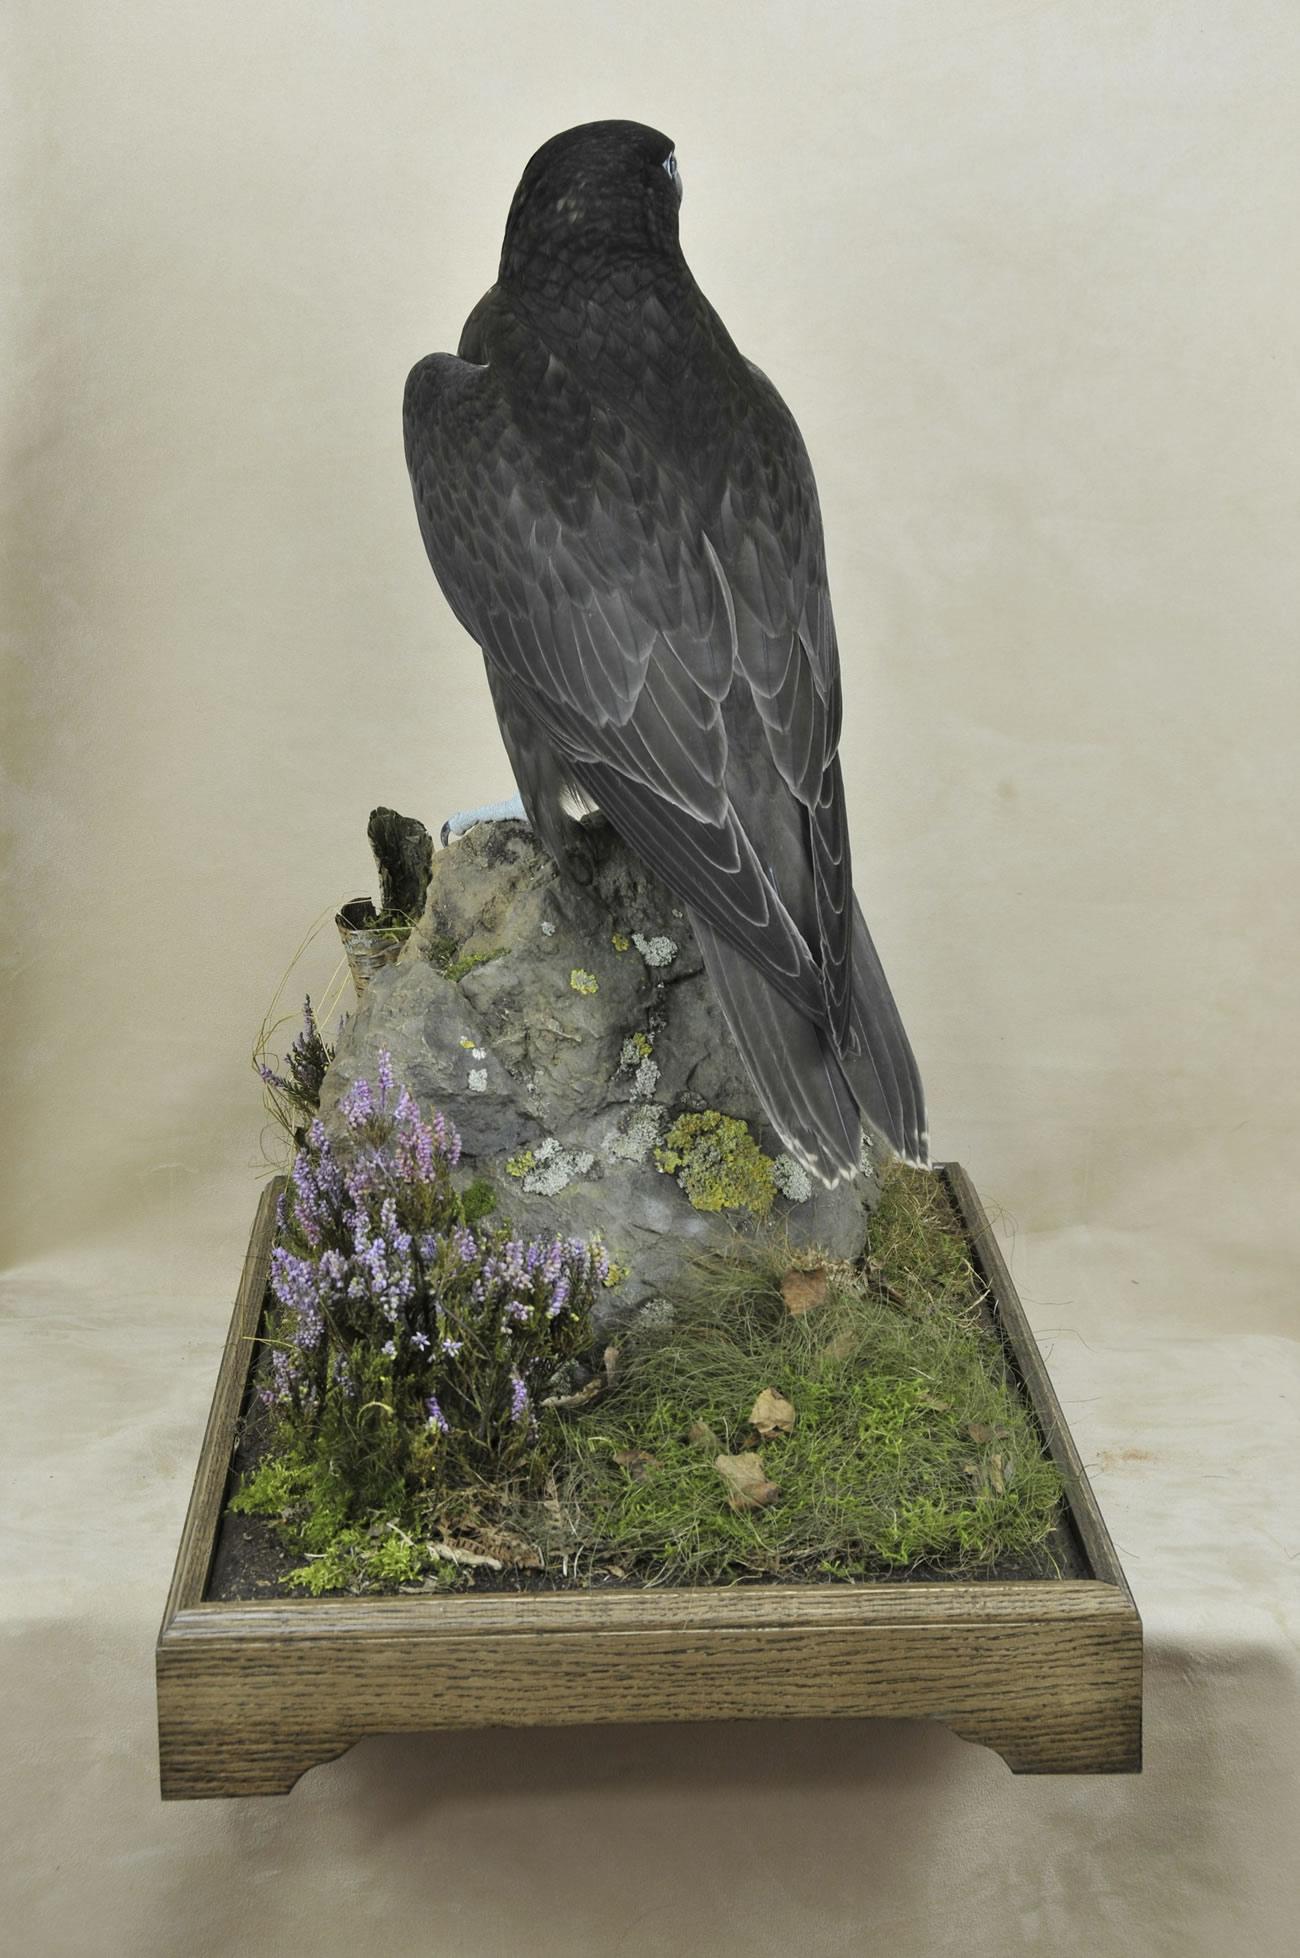 taxidermy Gyrfalcons (Falco rusticolus) back